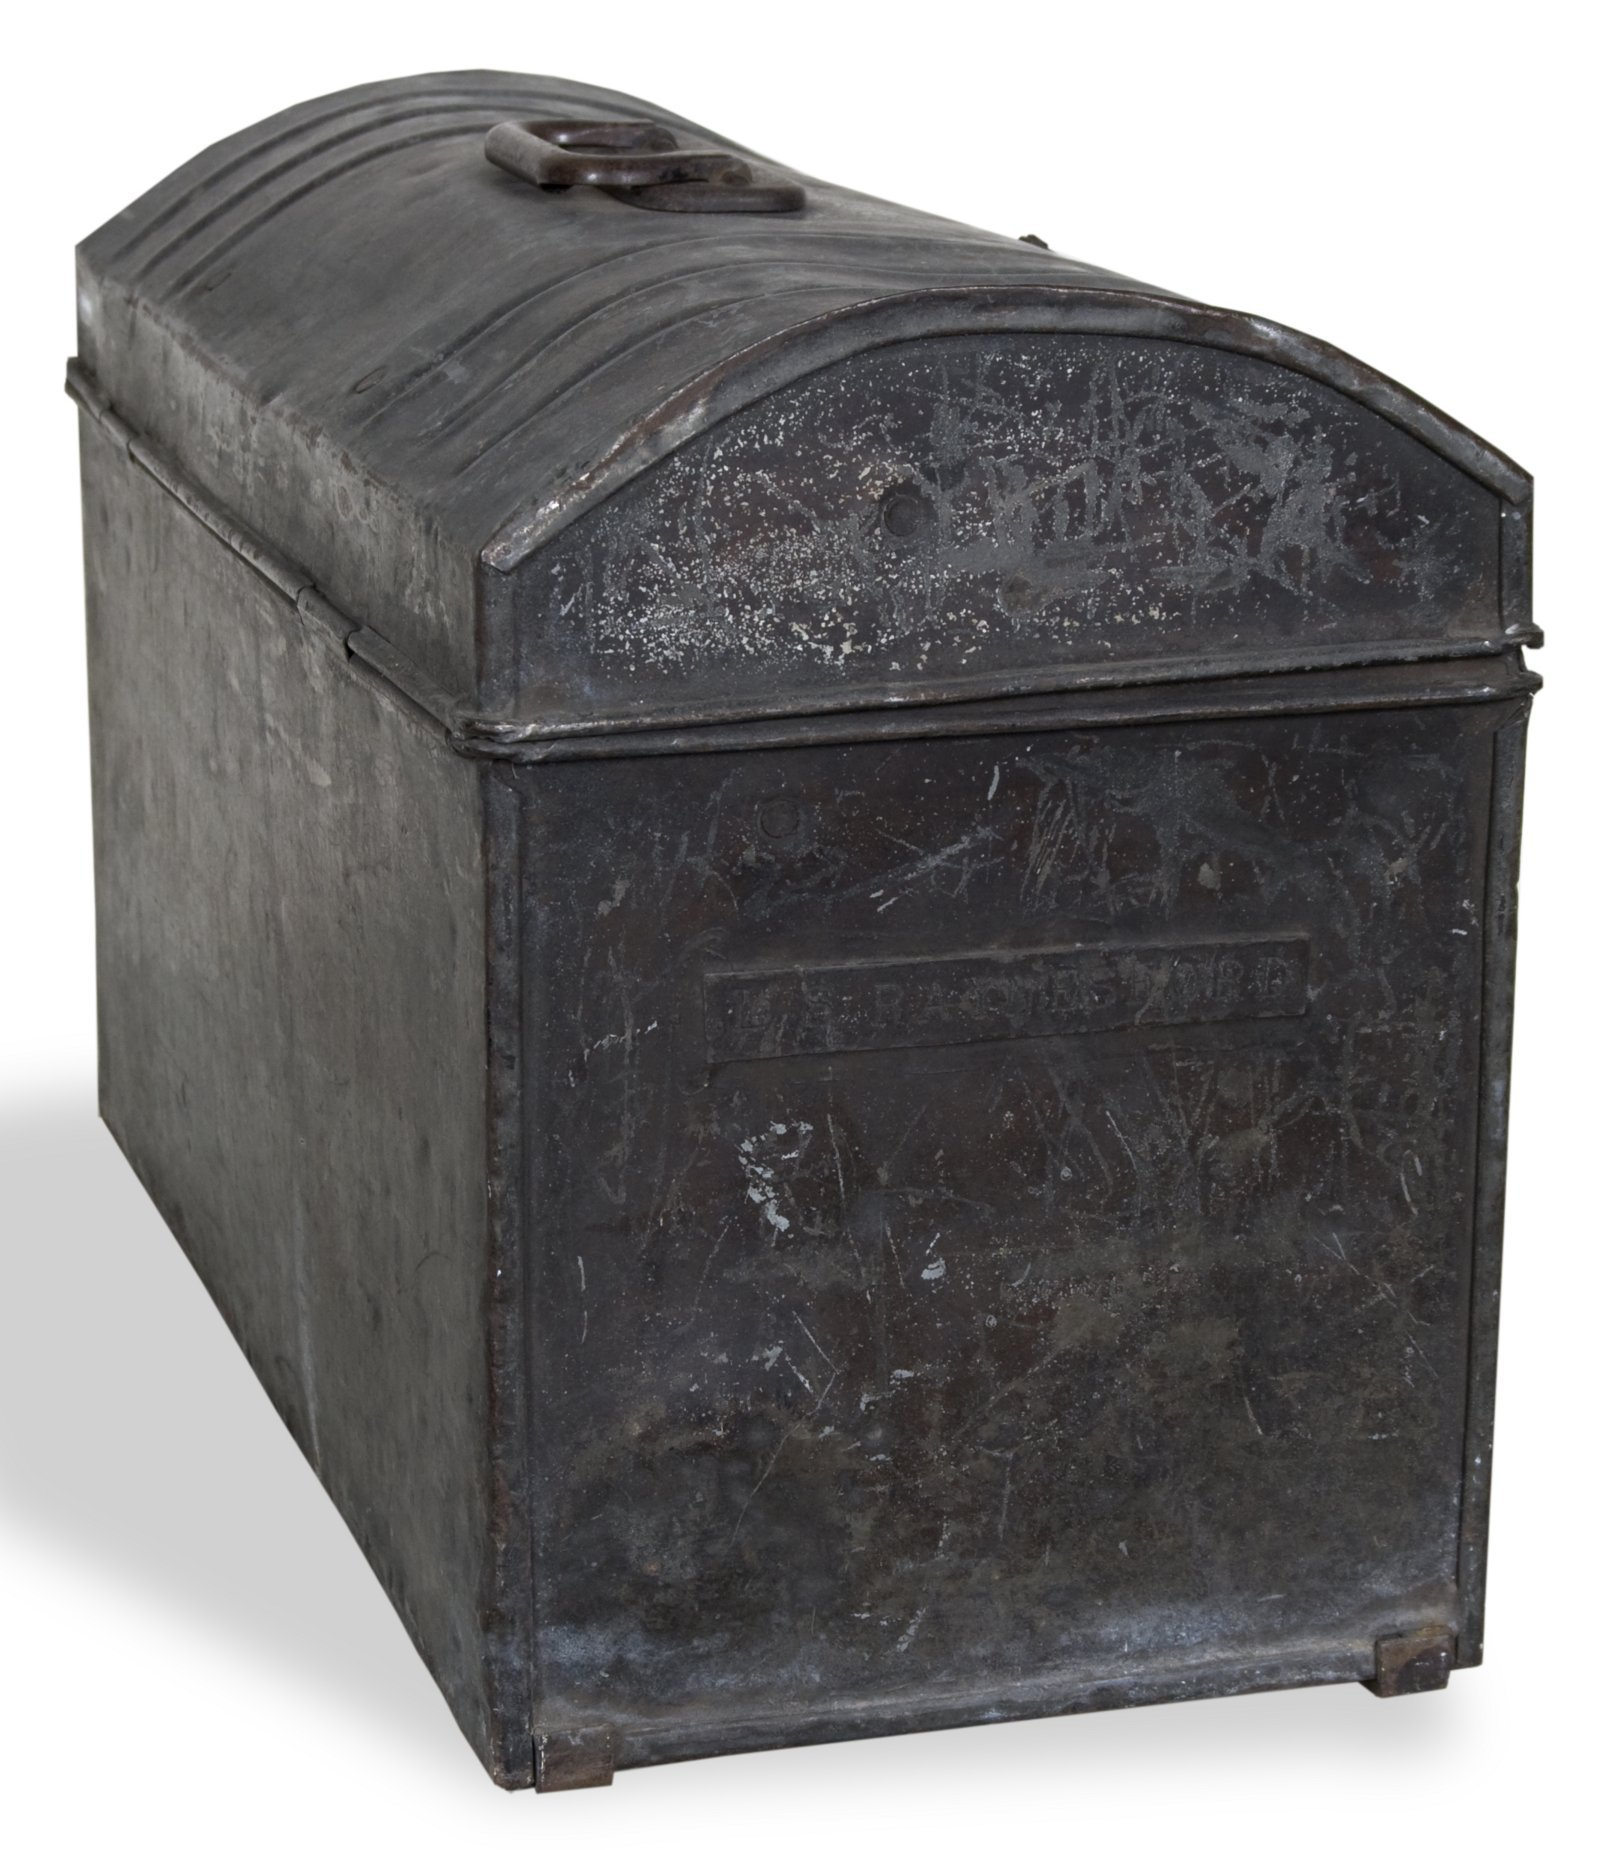 Union Pacific Railroad tool box - 2